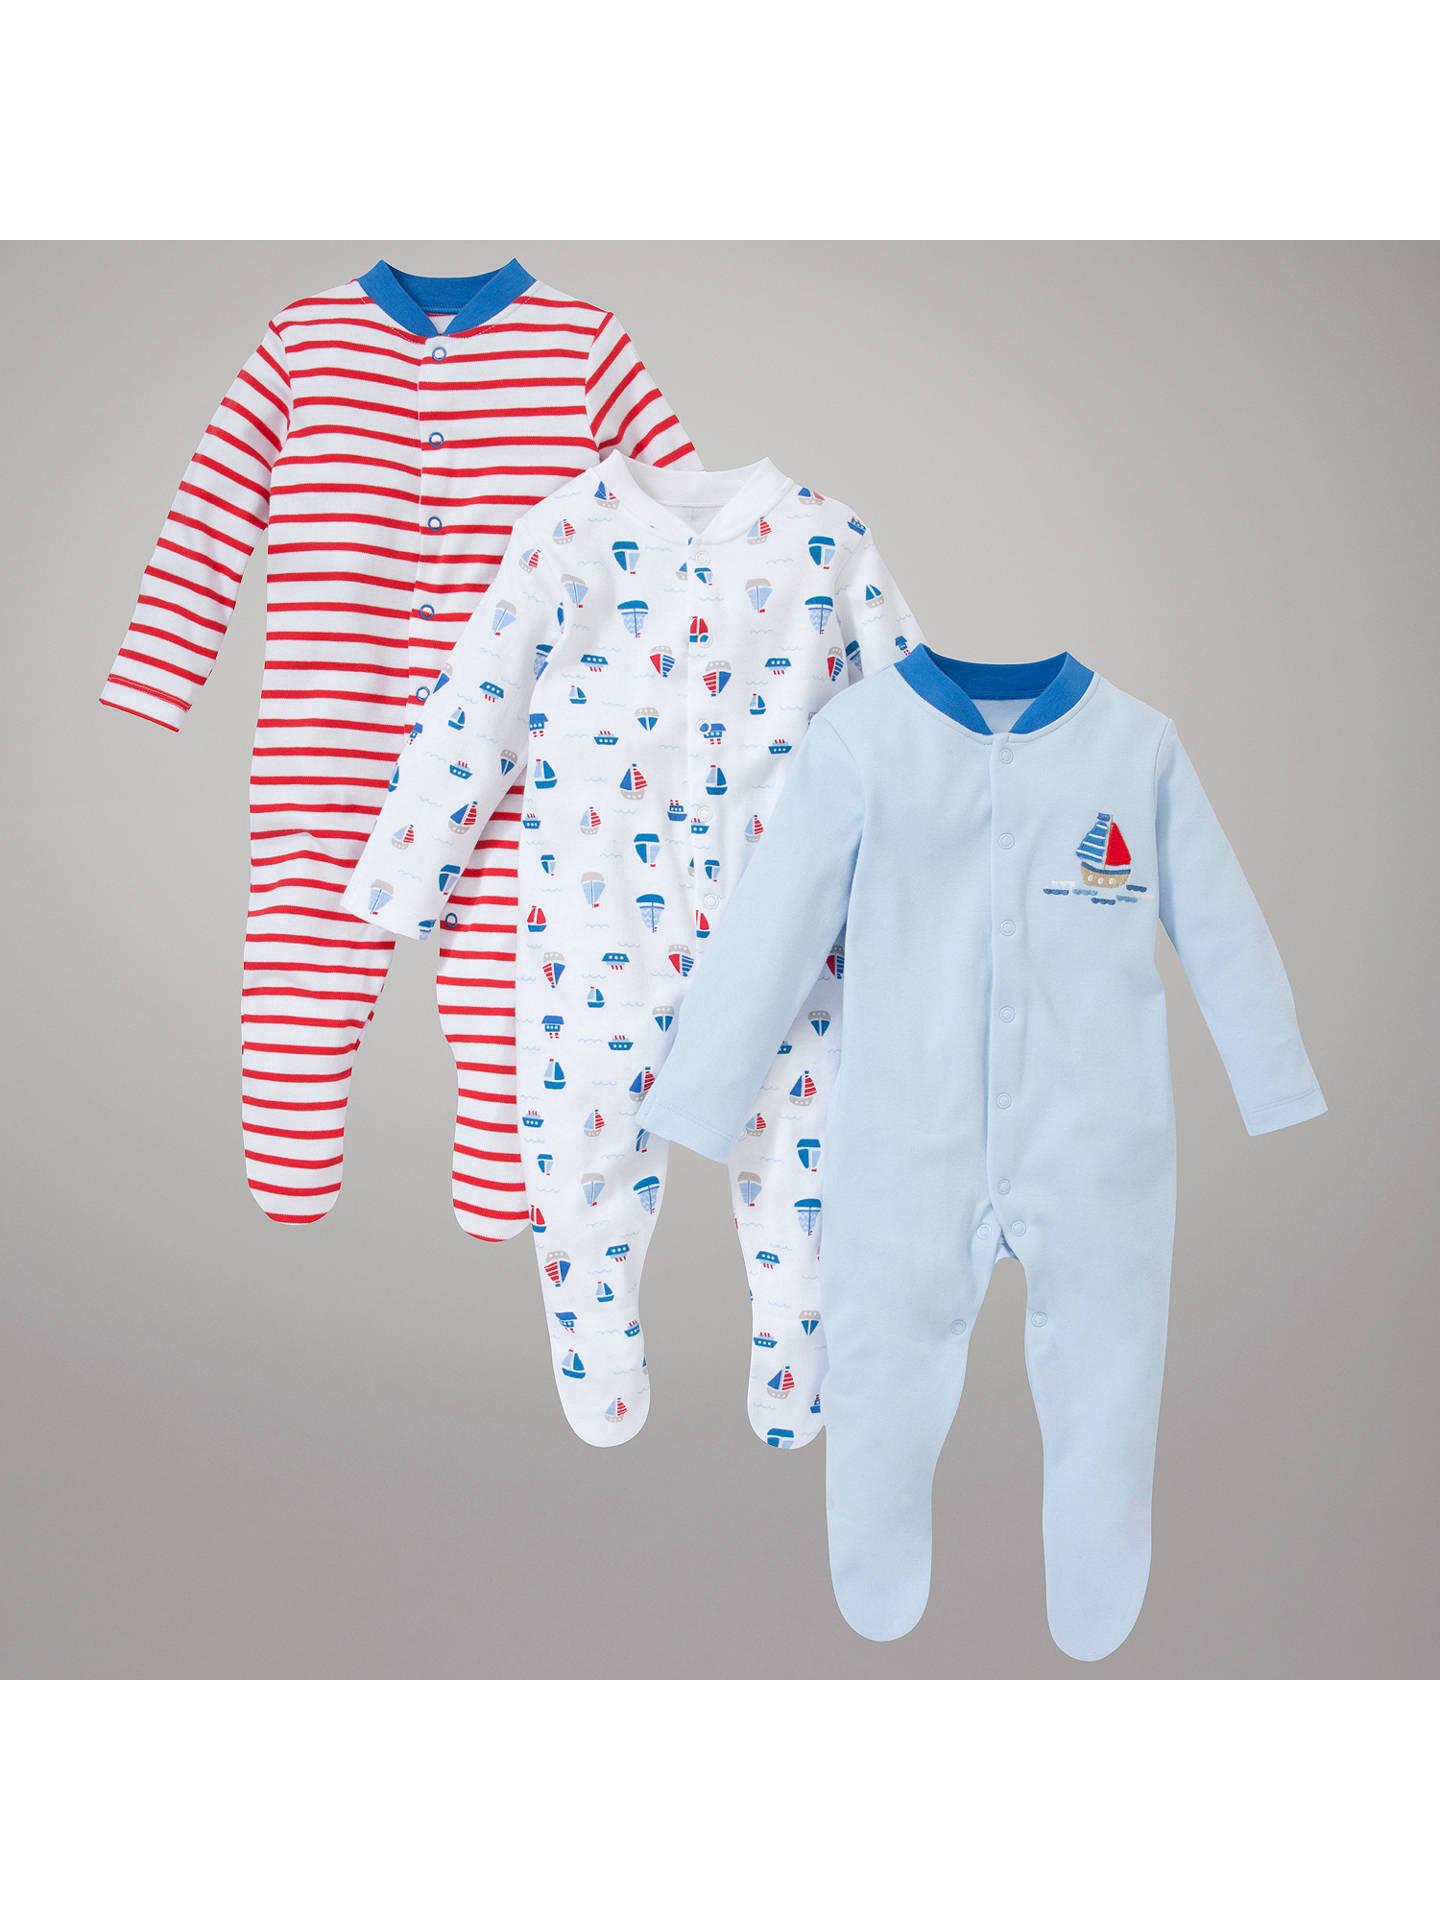 8398389e1d BuyJohn Lewis Baby Nautical Bodysuits